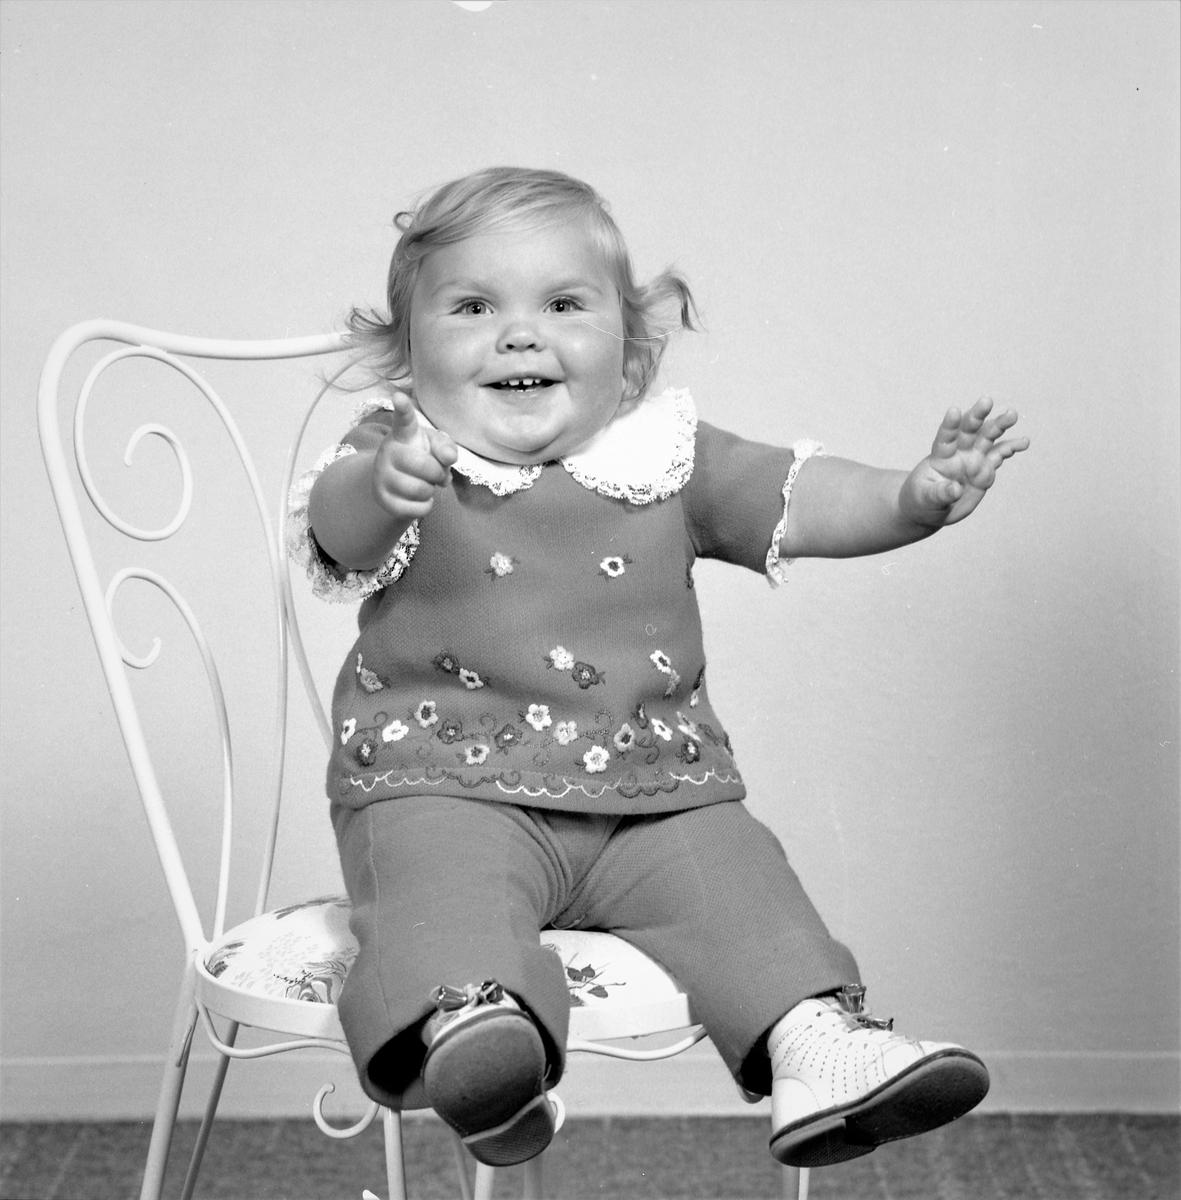 Portrett. Liten lyshåretpike i kort farget kortermet bluse med blomstermotiv langs nedre kant, lys pynt på ermene og stor lys krage. Fargede bukser og lyse sko. Bestilt av Karen Endresen. Kirkegt. 190